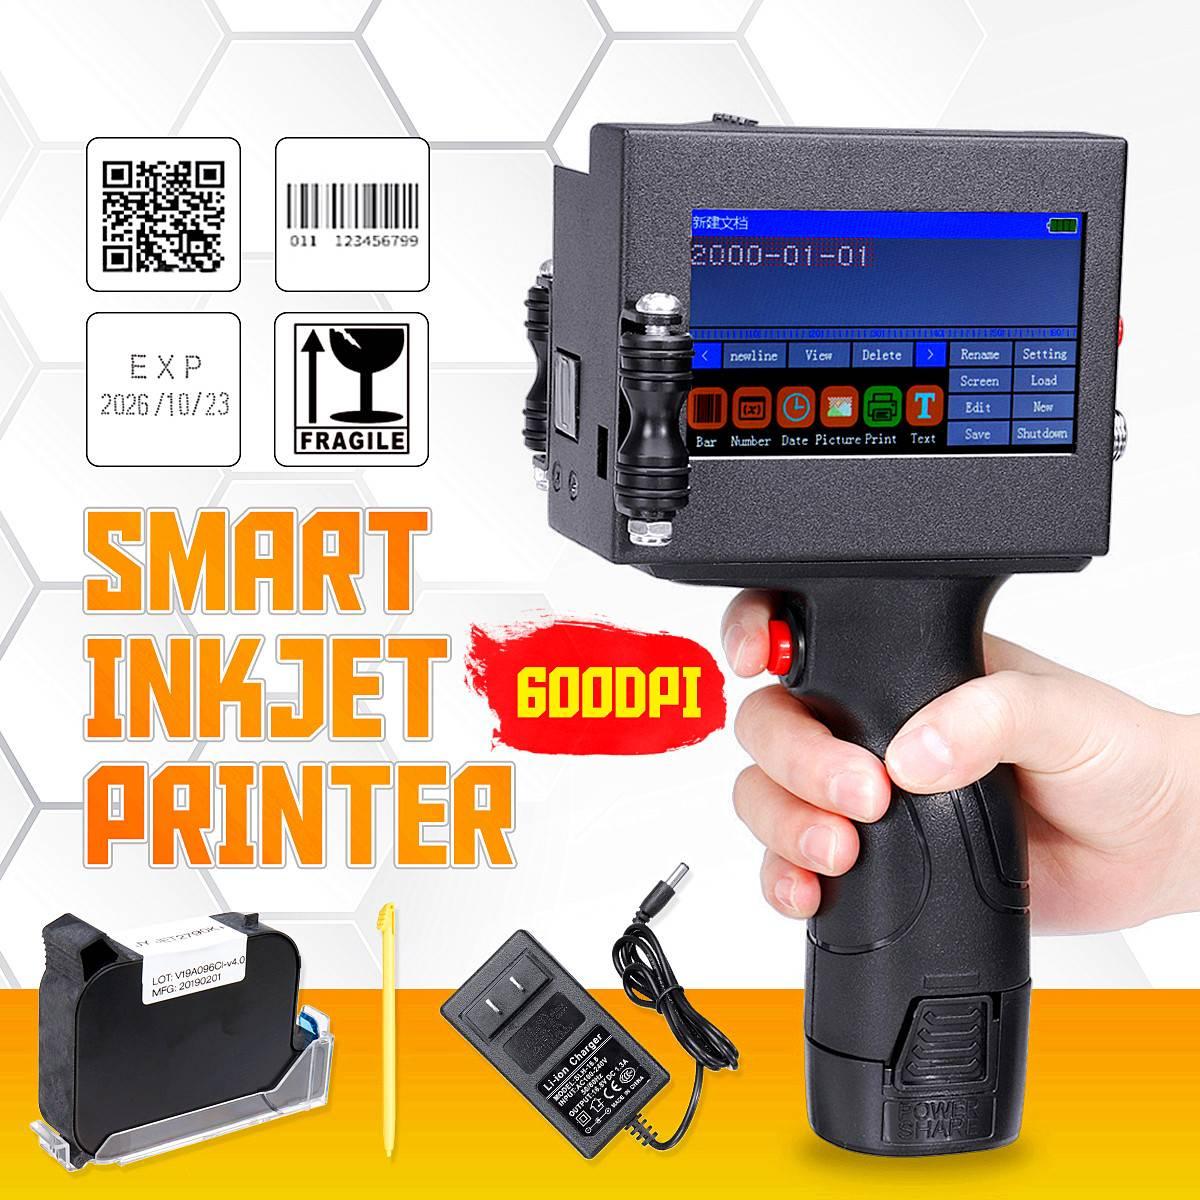 Mais novo LED Tela Touch-Screen Handheld QR CODE Impressora De Etiquetas Inkjet Printer 600DPI USB Inteligente de Codificação de Alta Qualidade máquina